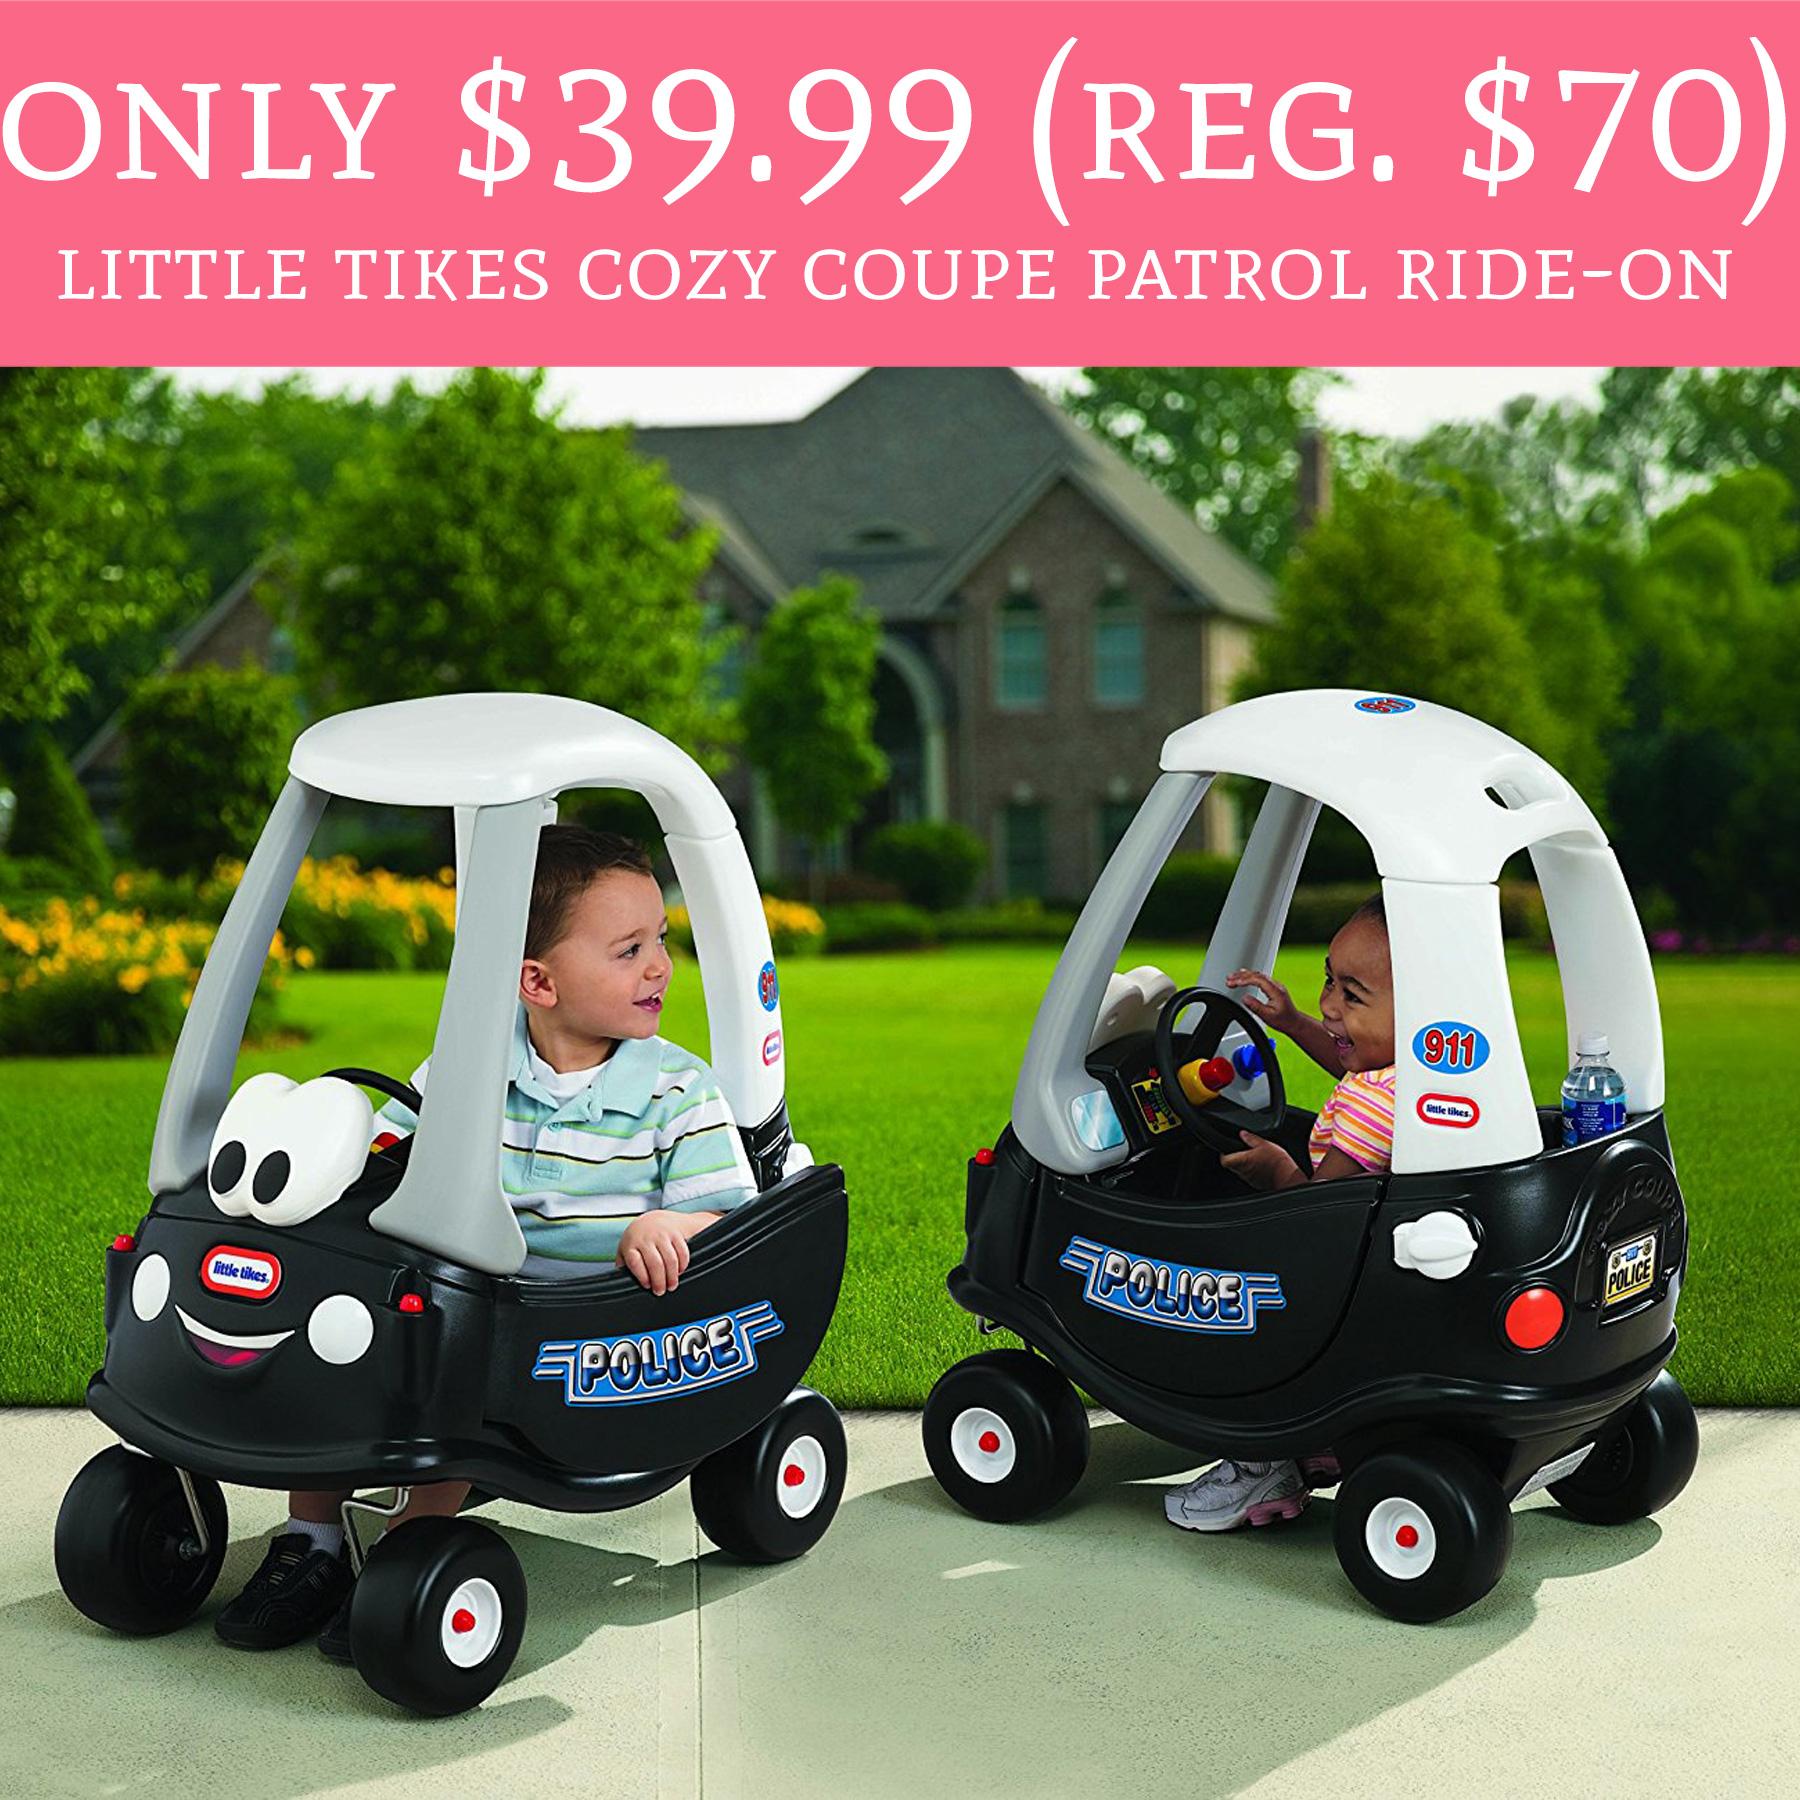 Little tikes cozy coupe deals